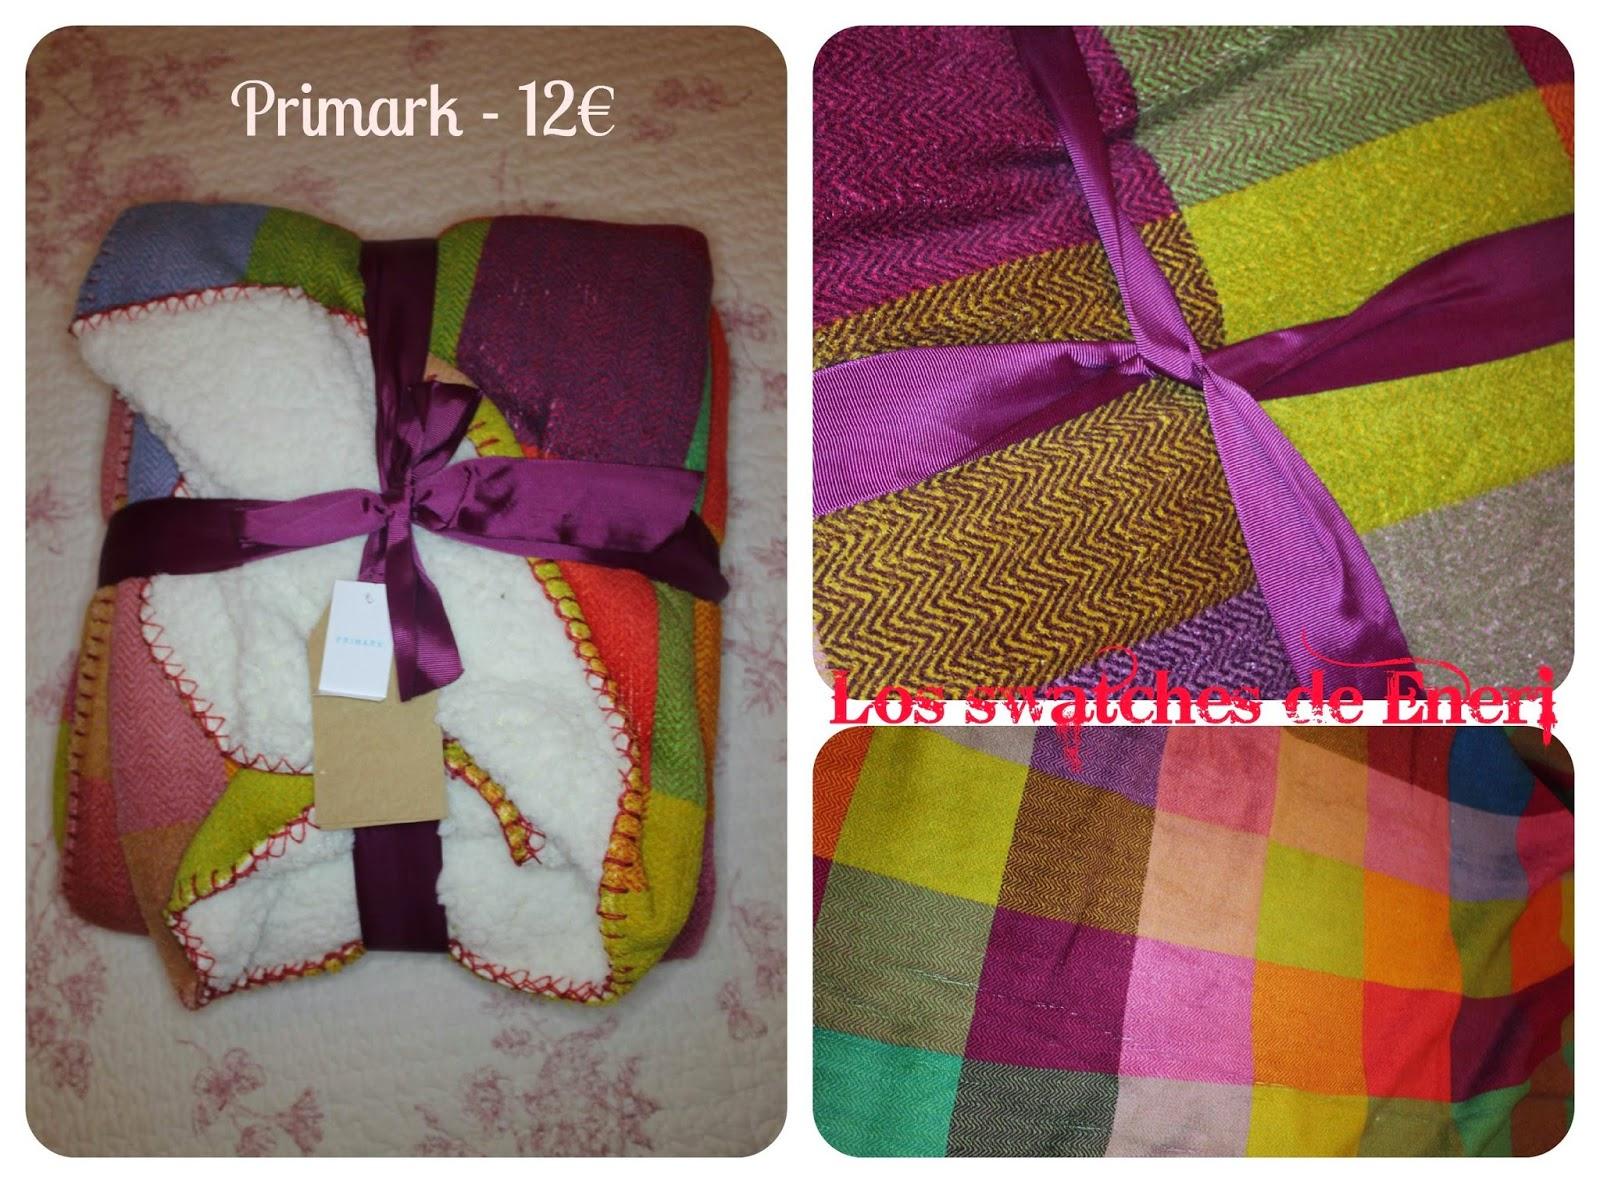 Los swatches de eneri ltimas compras de ropa y complementos - Mantas sofa primark ...